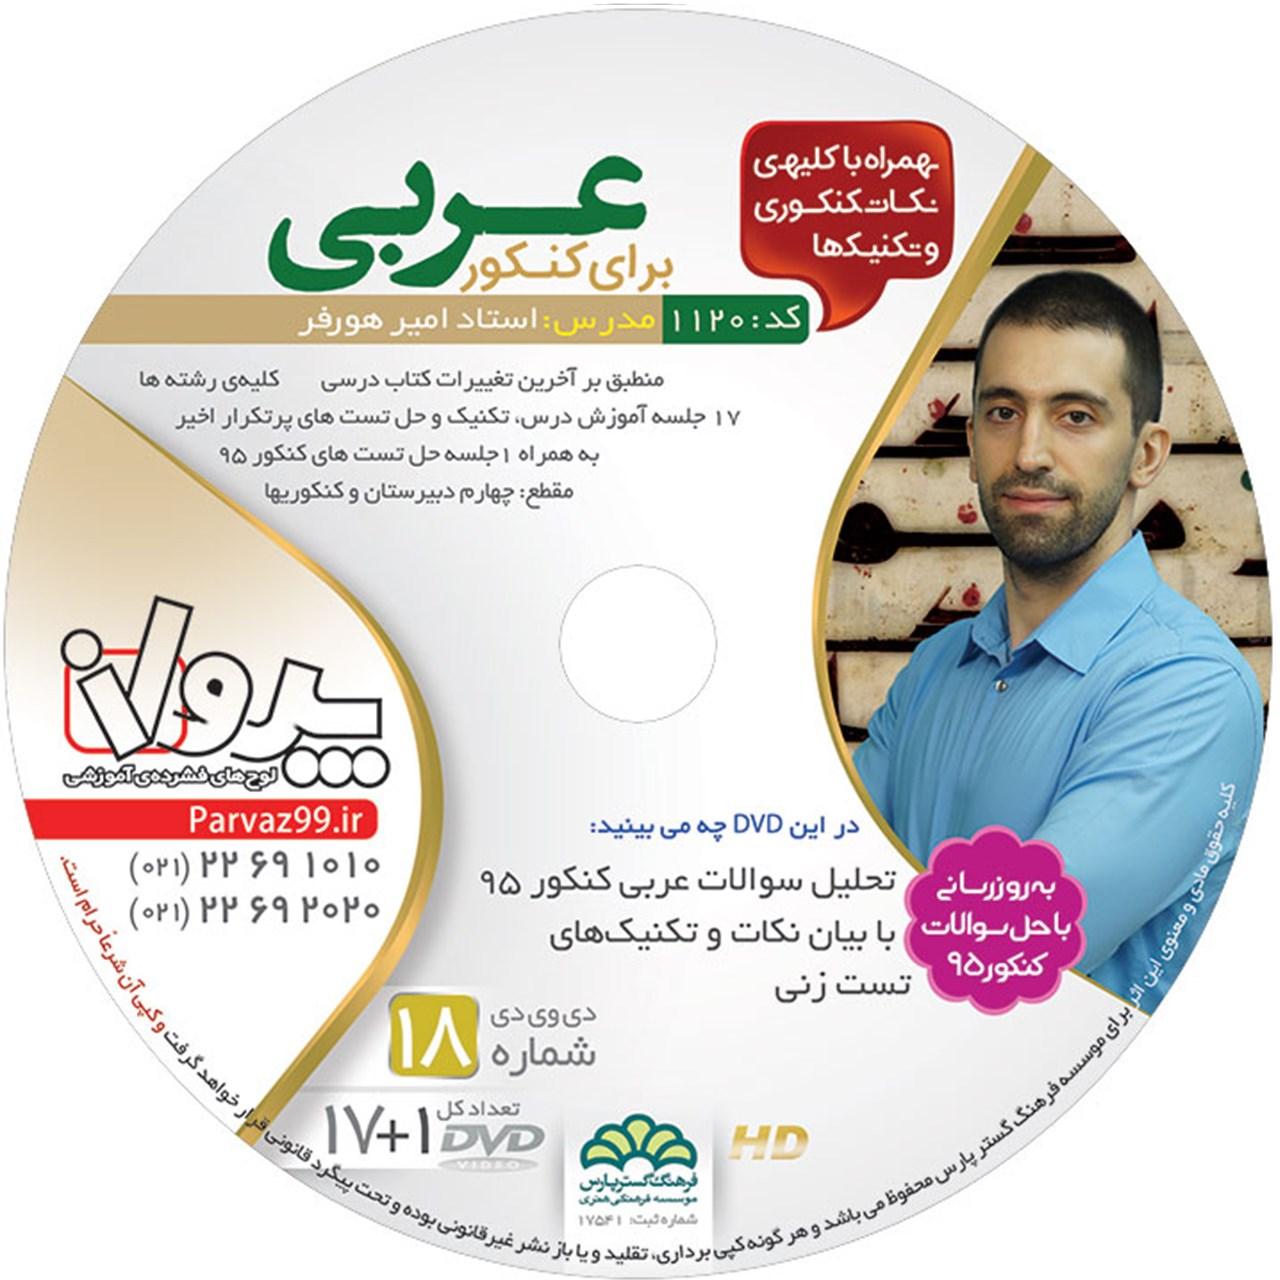 آموزش تصویری عربی جامع کنکور استاد هورفر نشر پرواز کد 1120